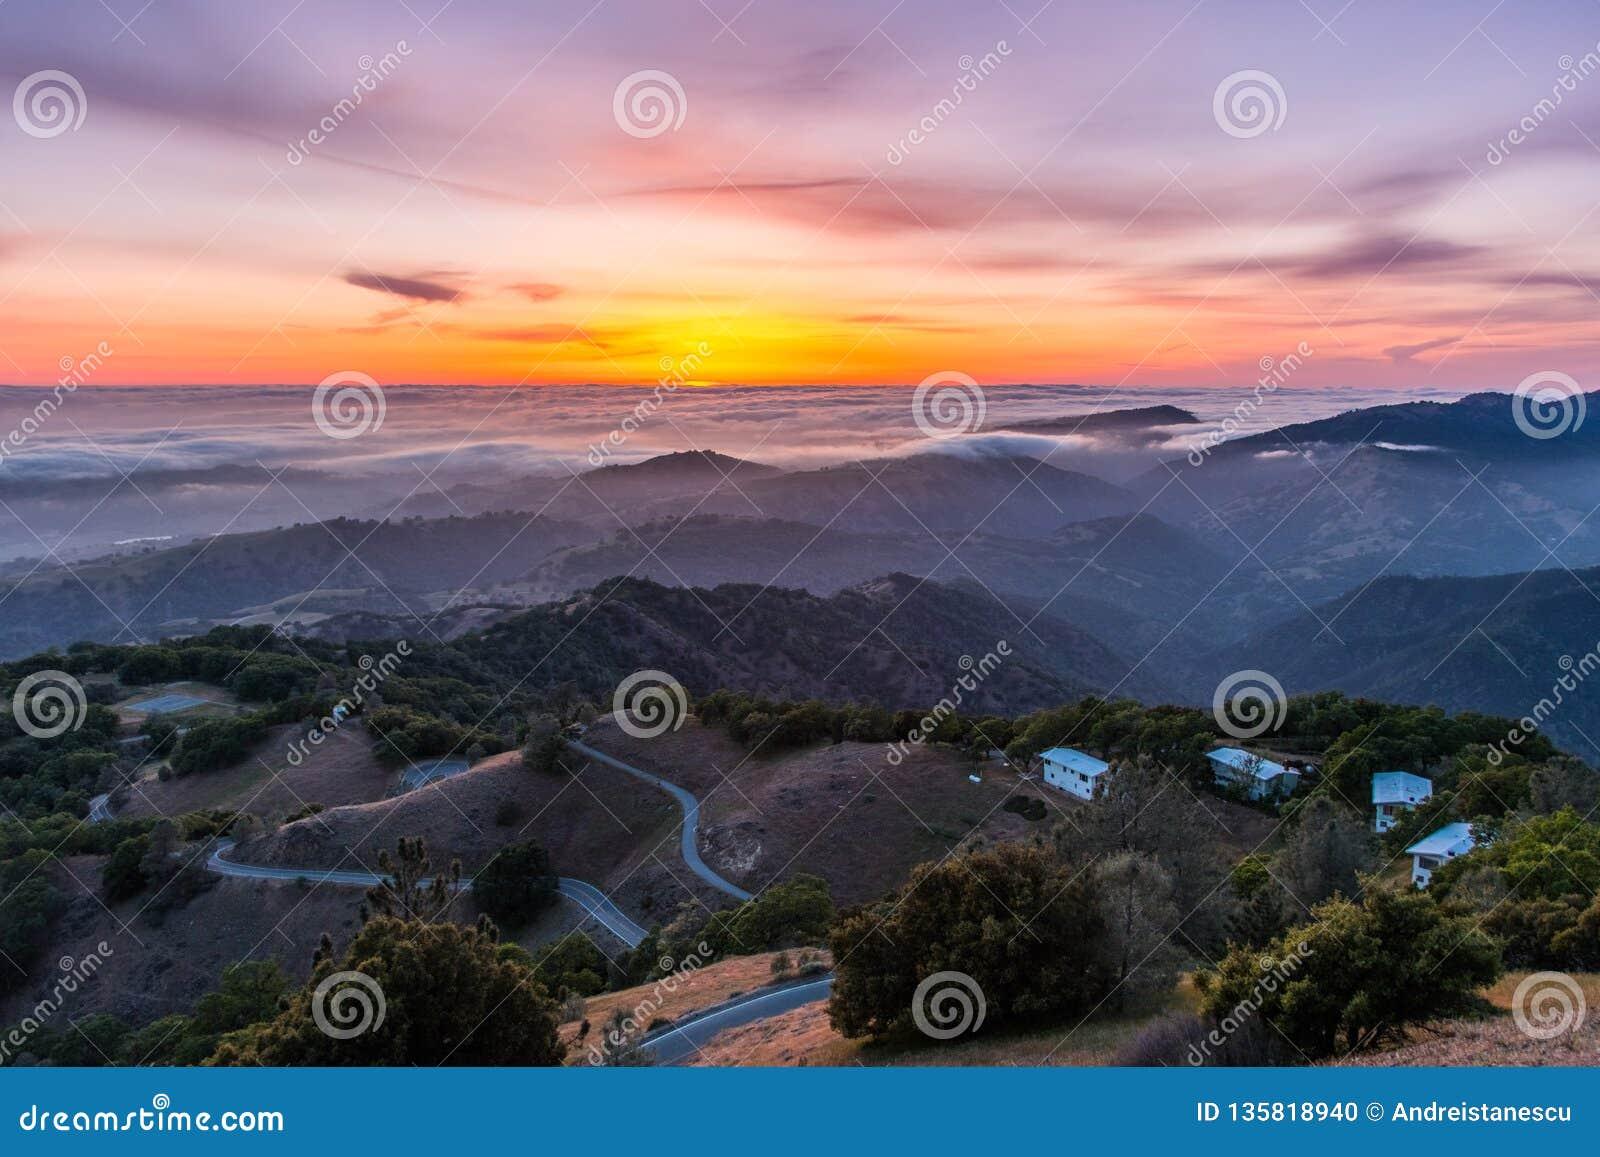 Zonsondergangnagloeiing over een overzees van wolken; windende weg die door rollende heuvels in de voorgrond dalen; MT Hamilton,